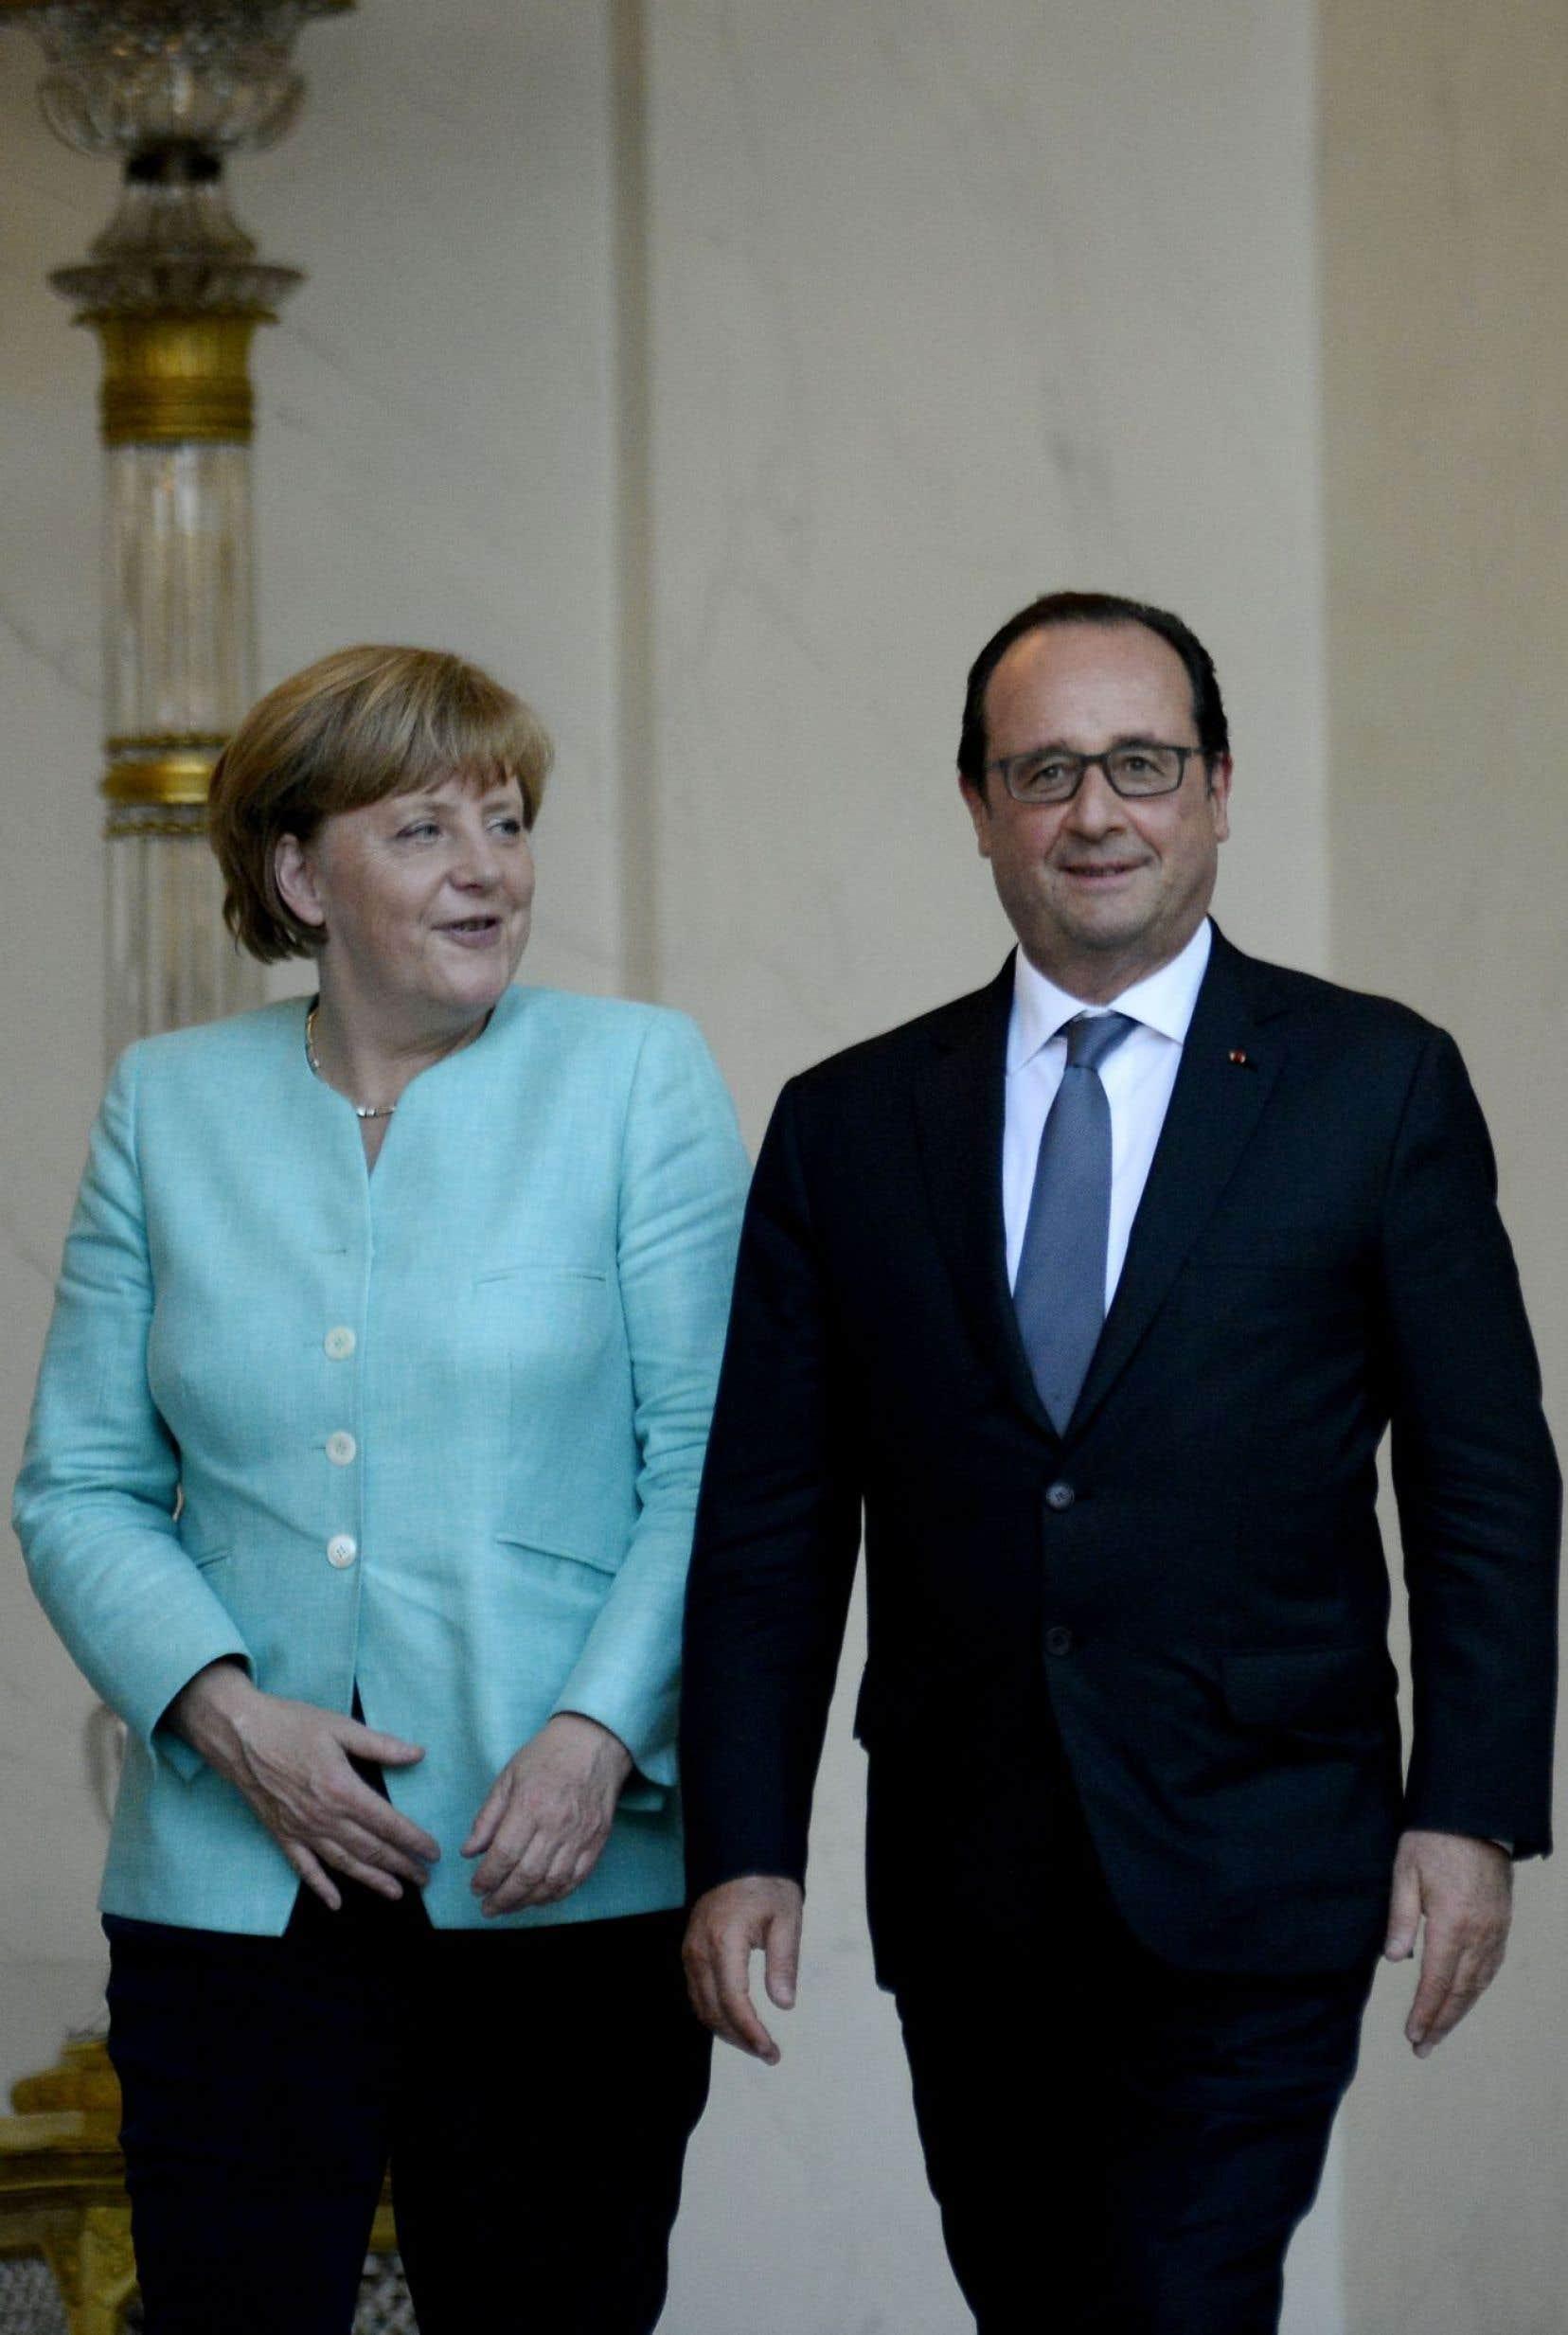 François Hollande et Angela Merkel n'ont pu dissimuler leurs divergences, à la veille d'un sommet de la zone euro de tous les dangers à Bruxelles.